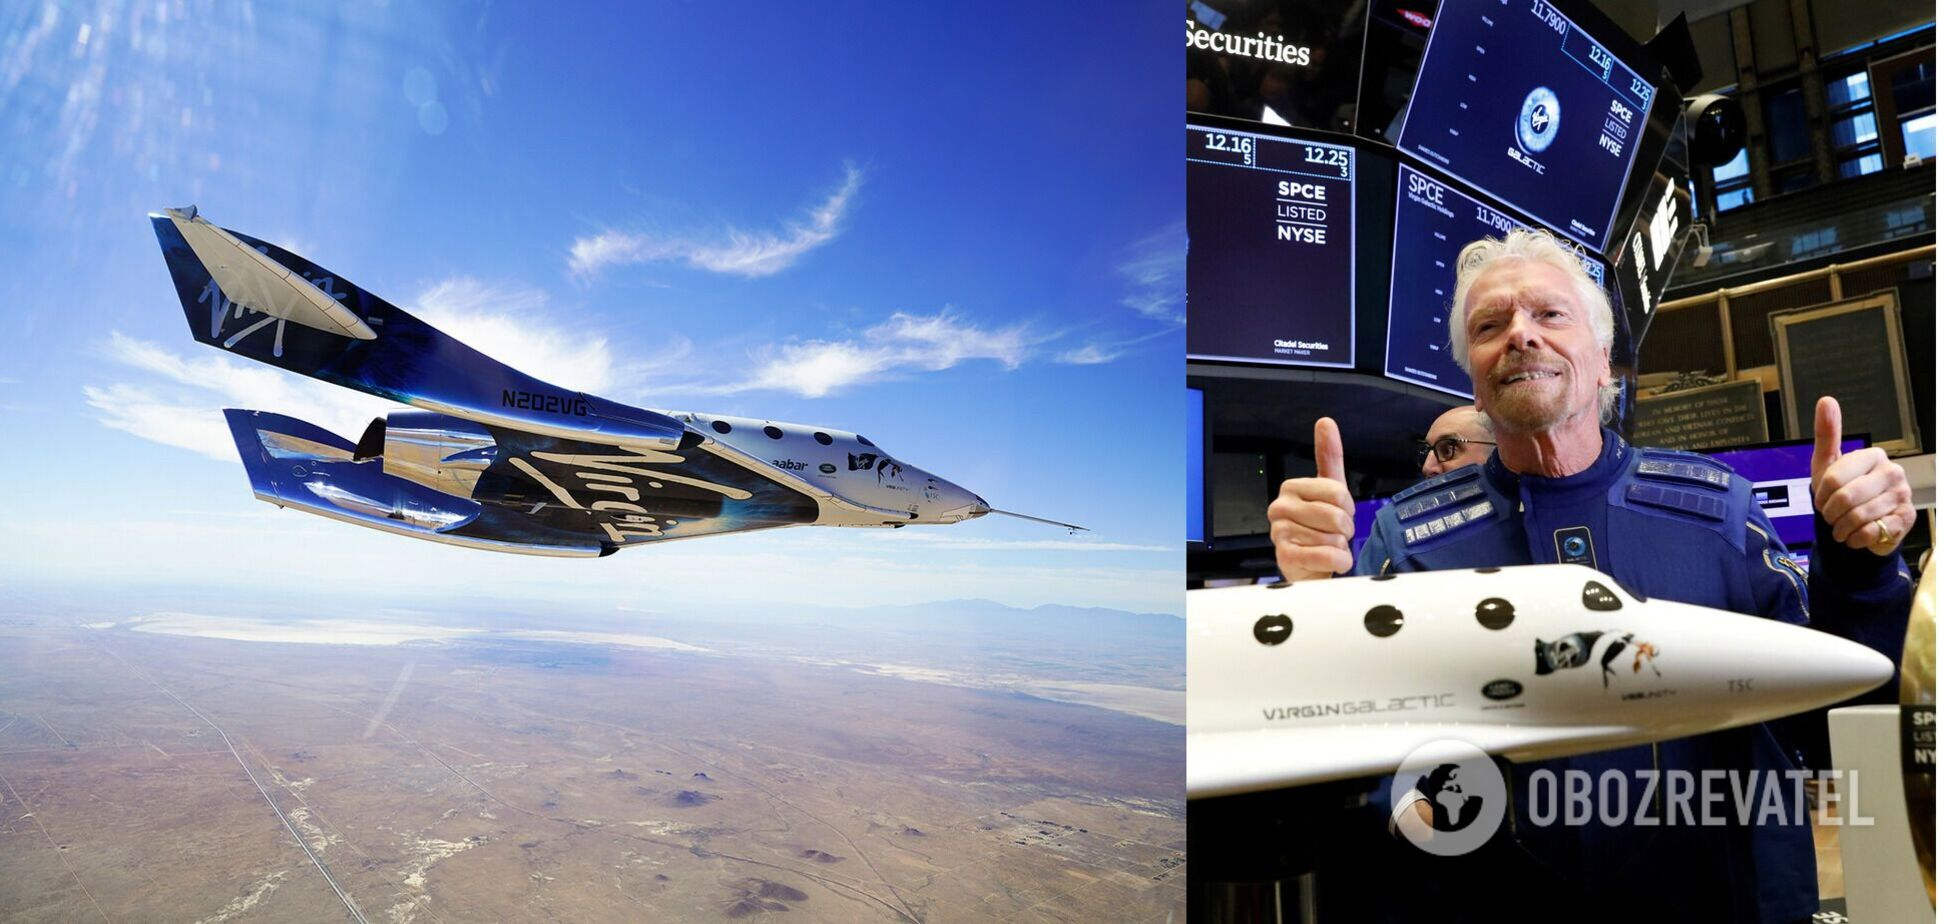 Ричард Брэнсон отправится в космос на корабле Virgin Galactic: онлайн-трансляция